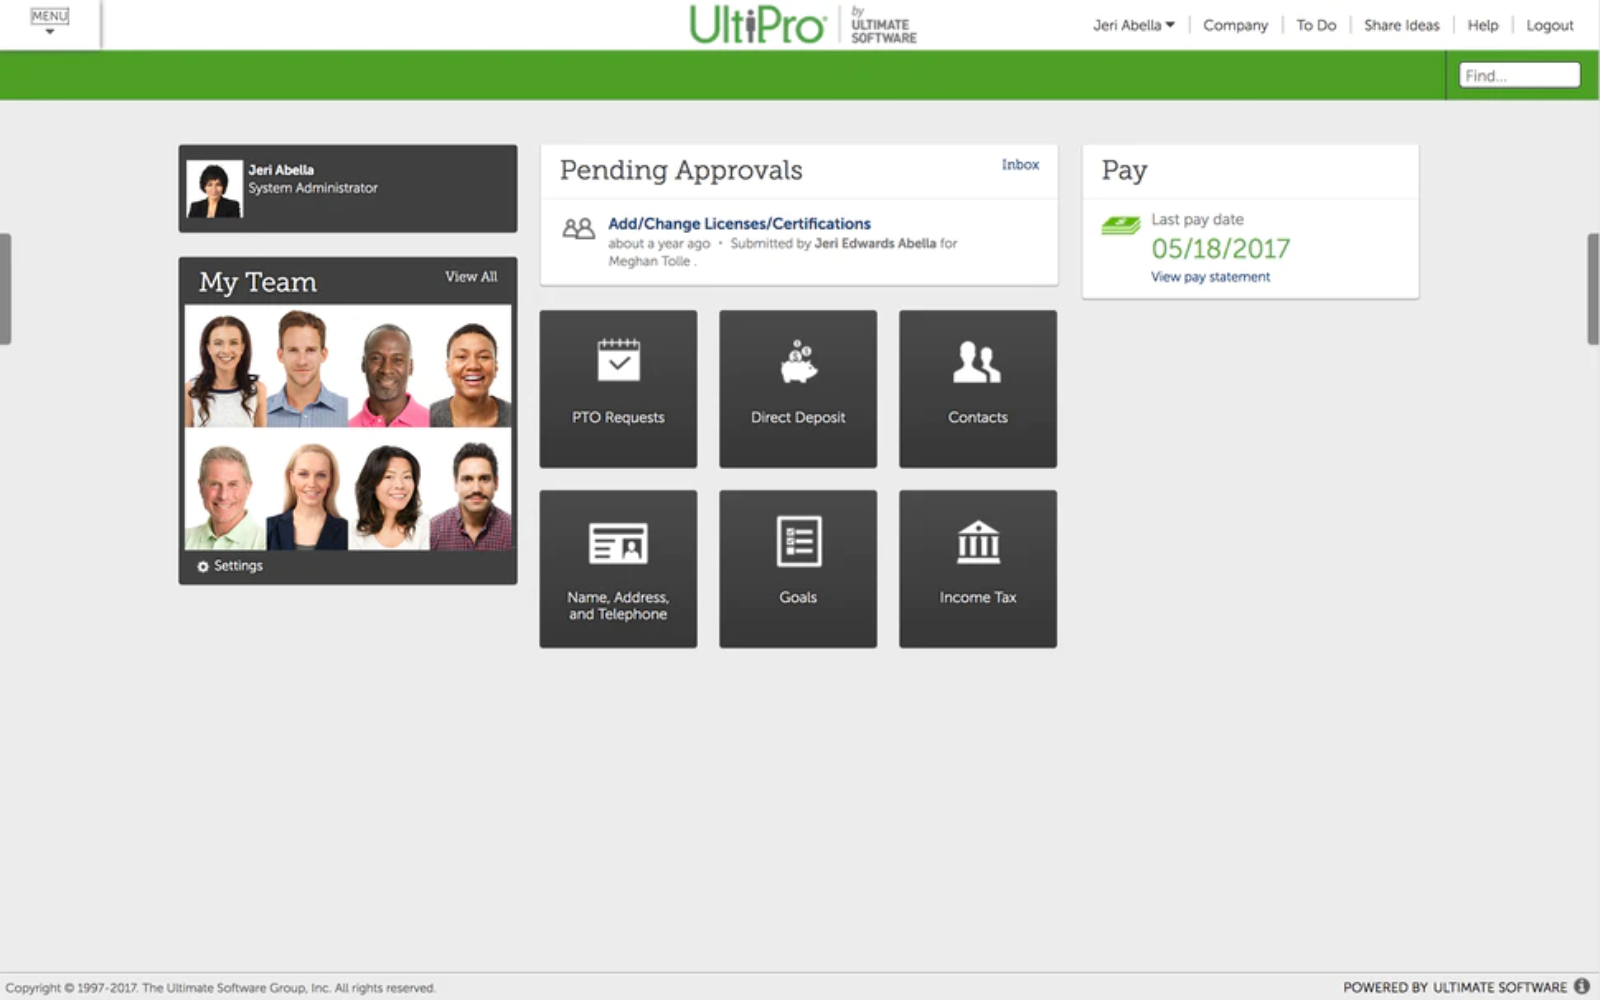 UKG Pro - UltiPro - Dashboard